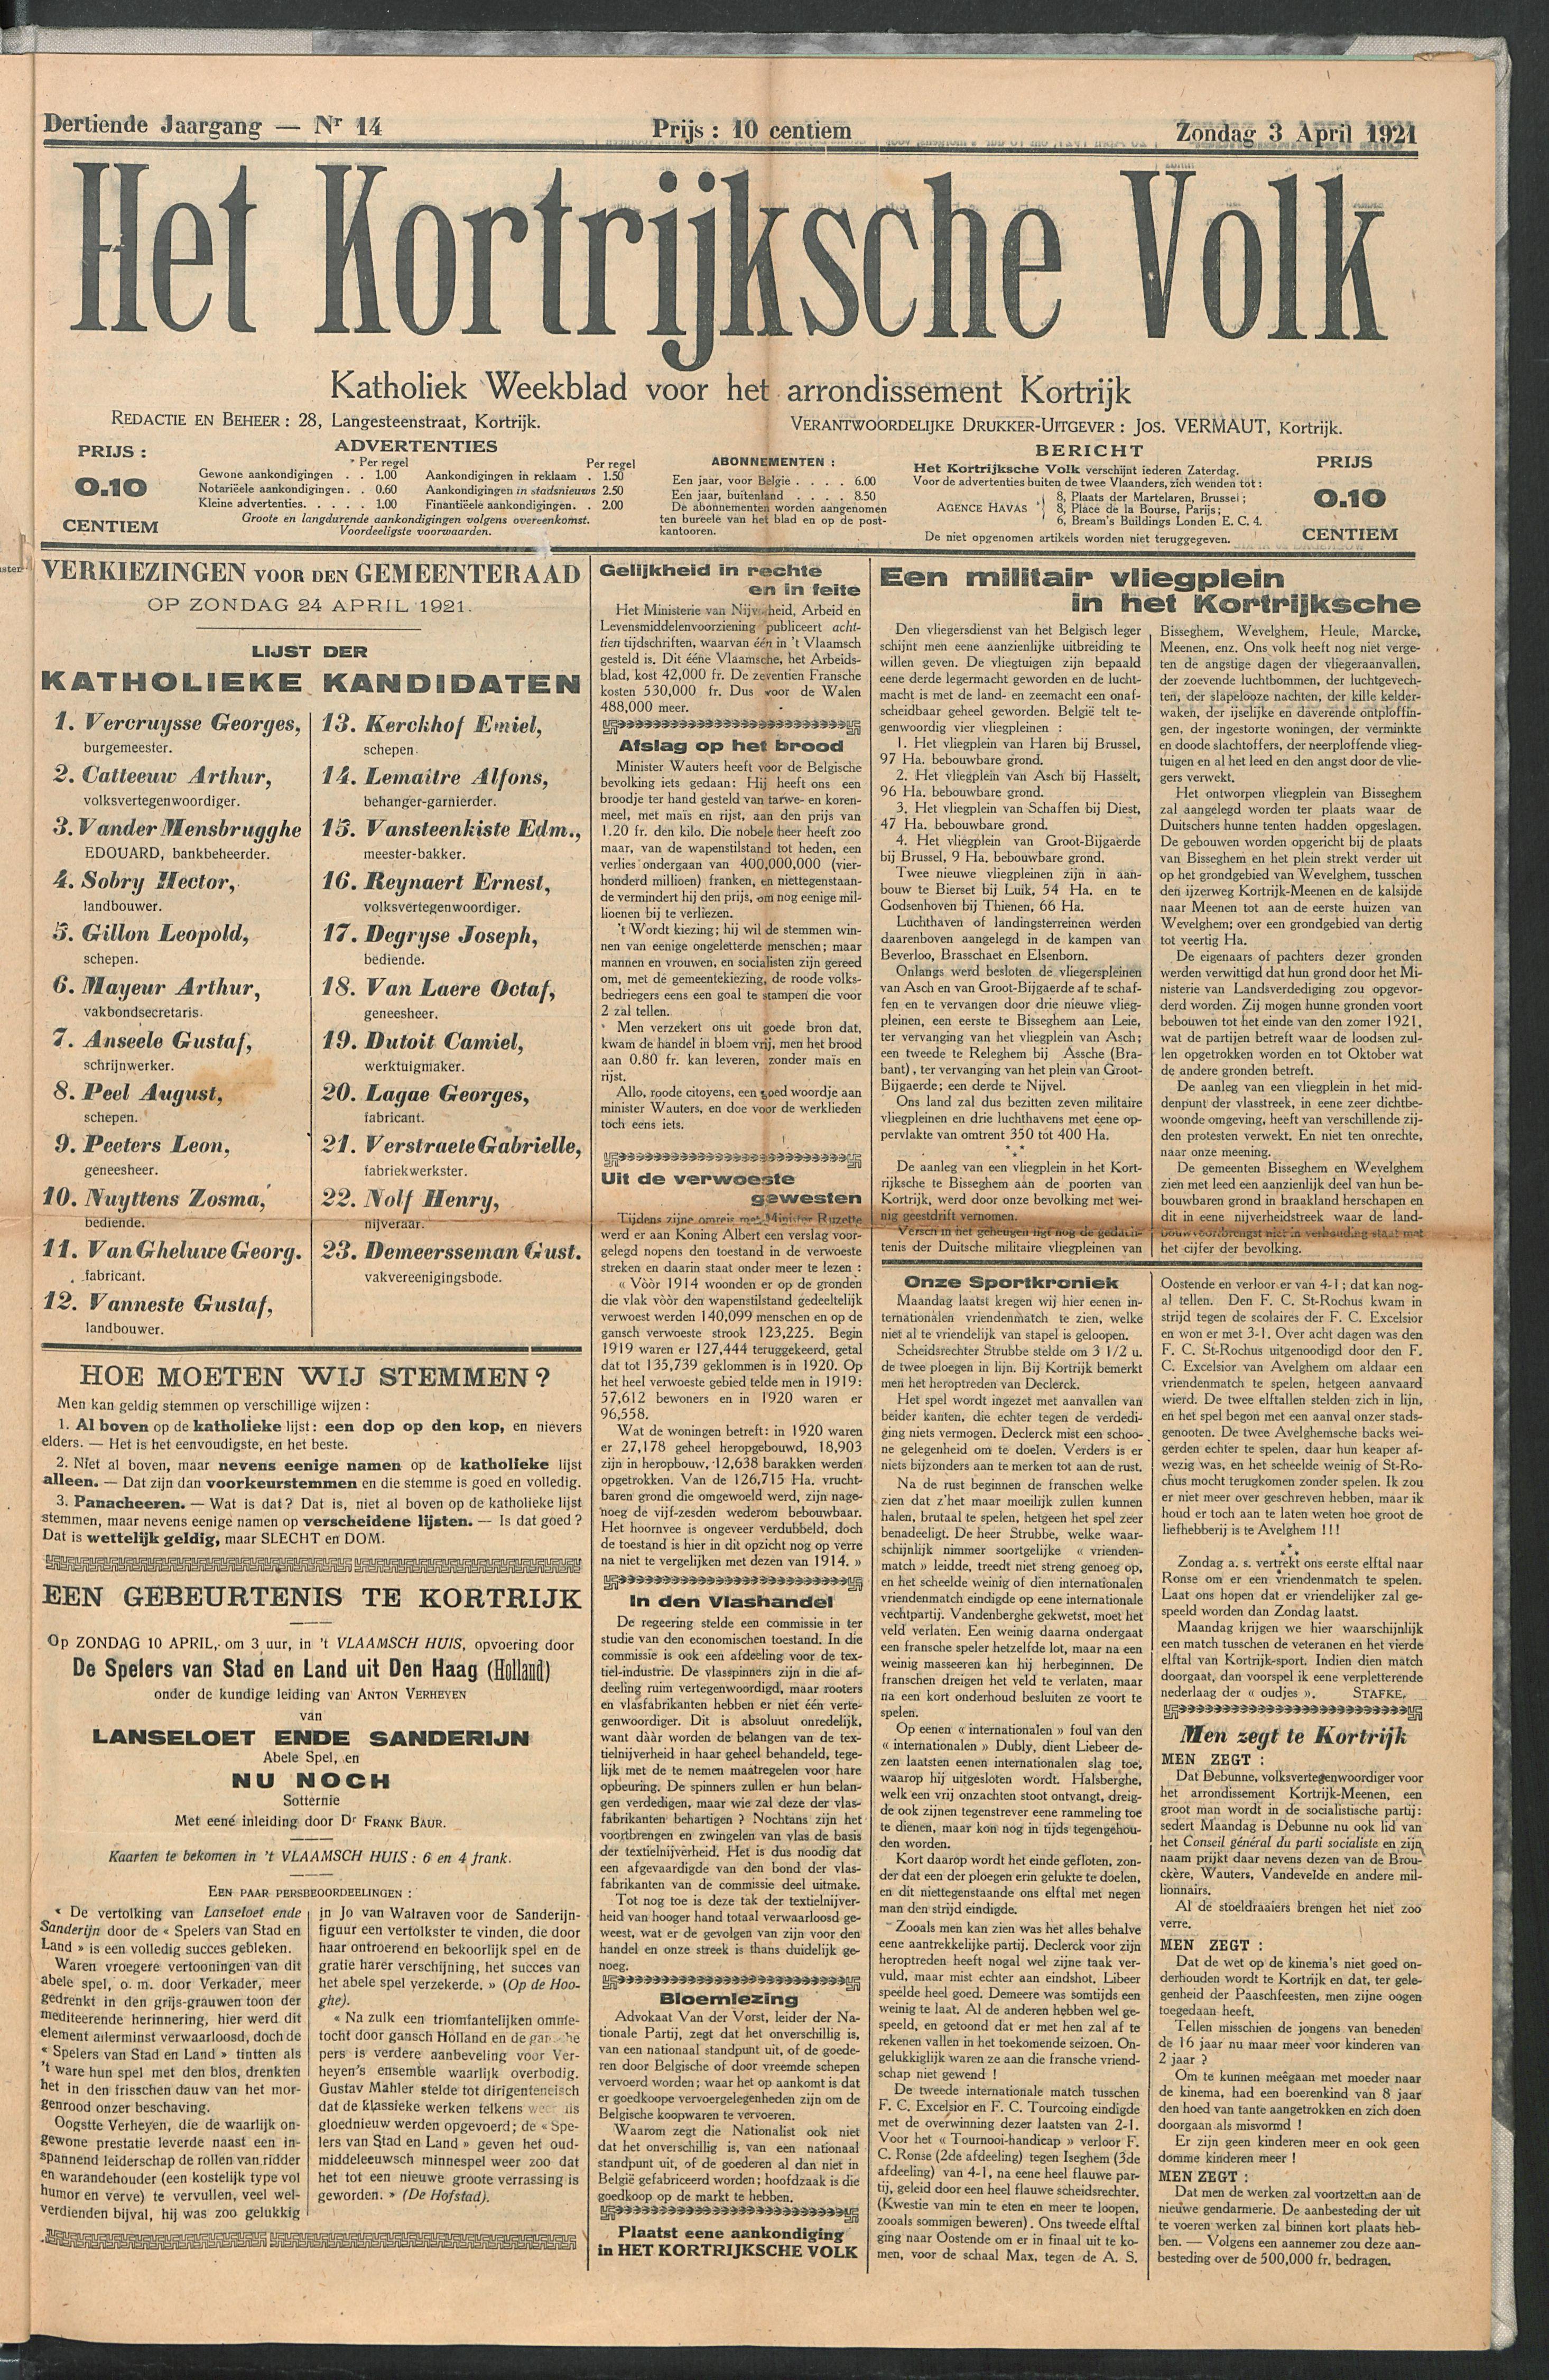 Het Kortrijksche Volk 1921-04-03 p1